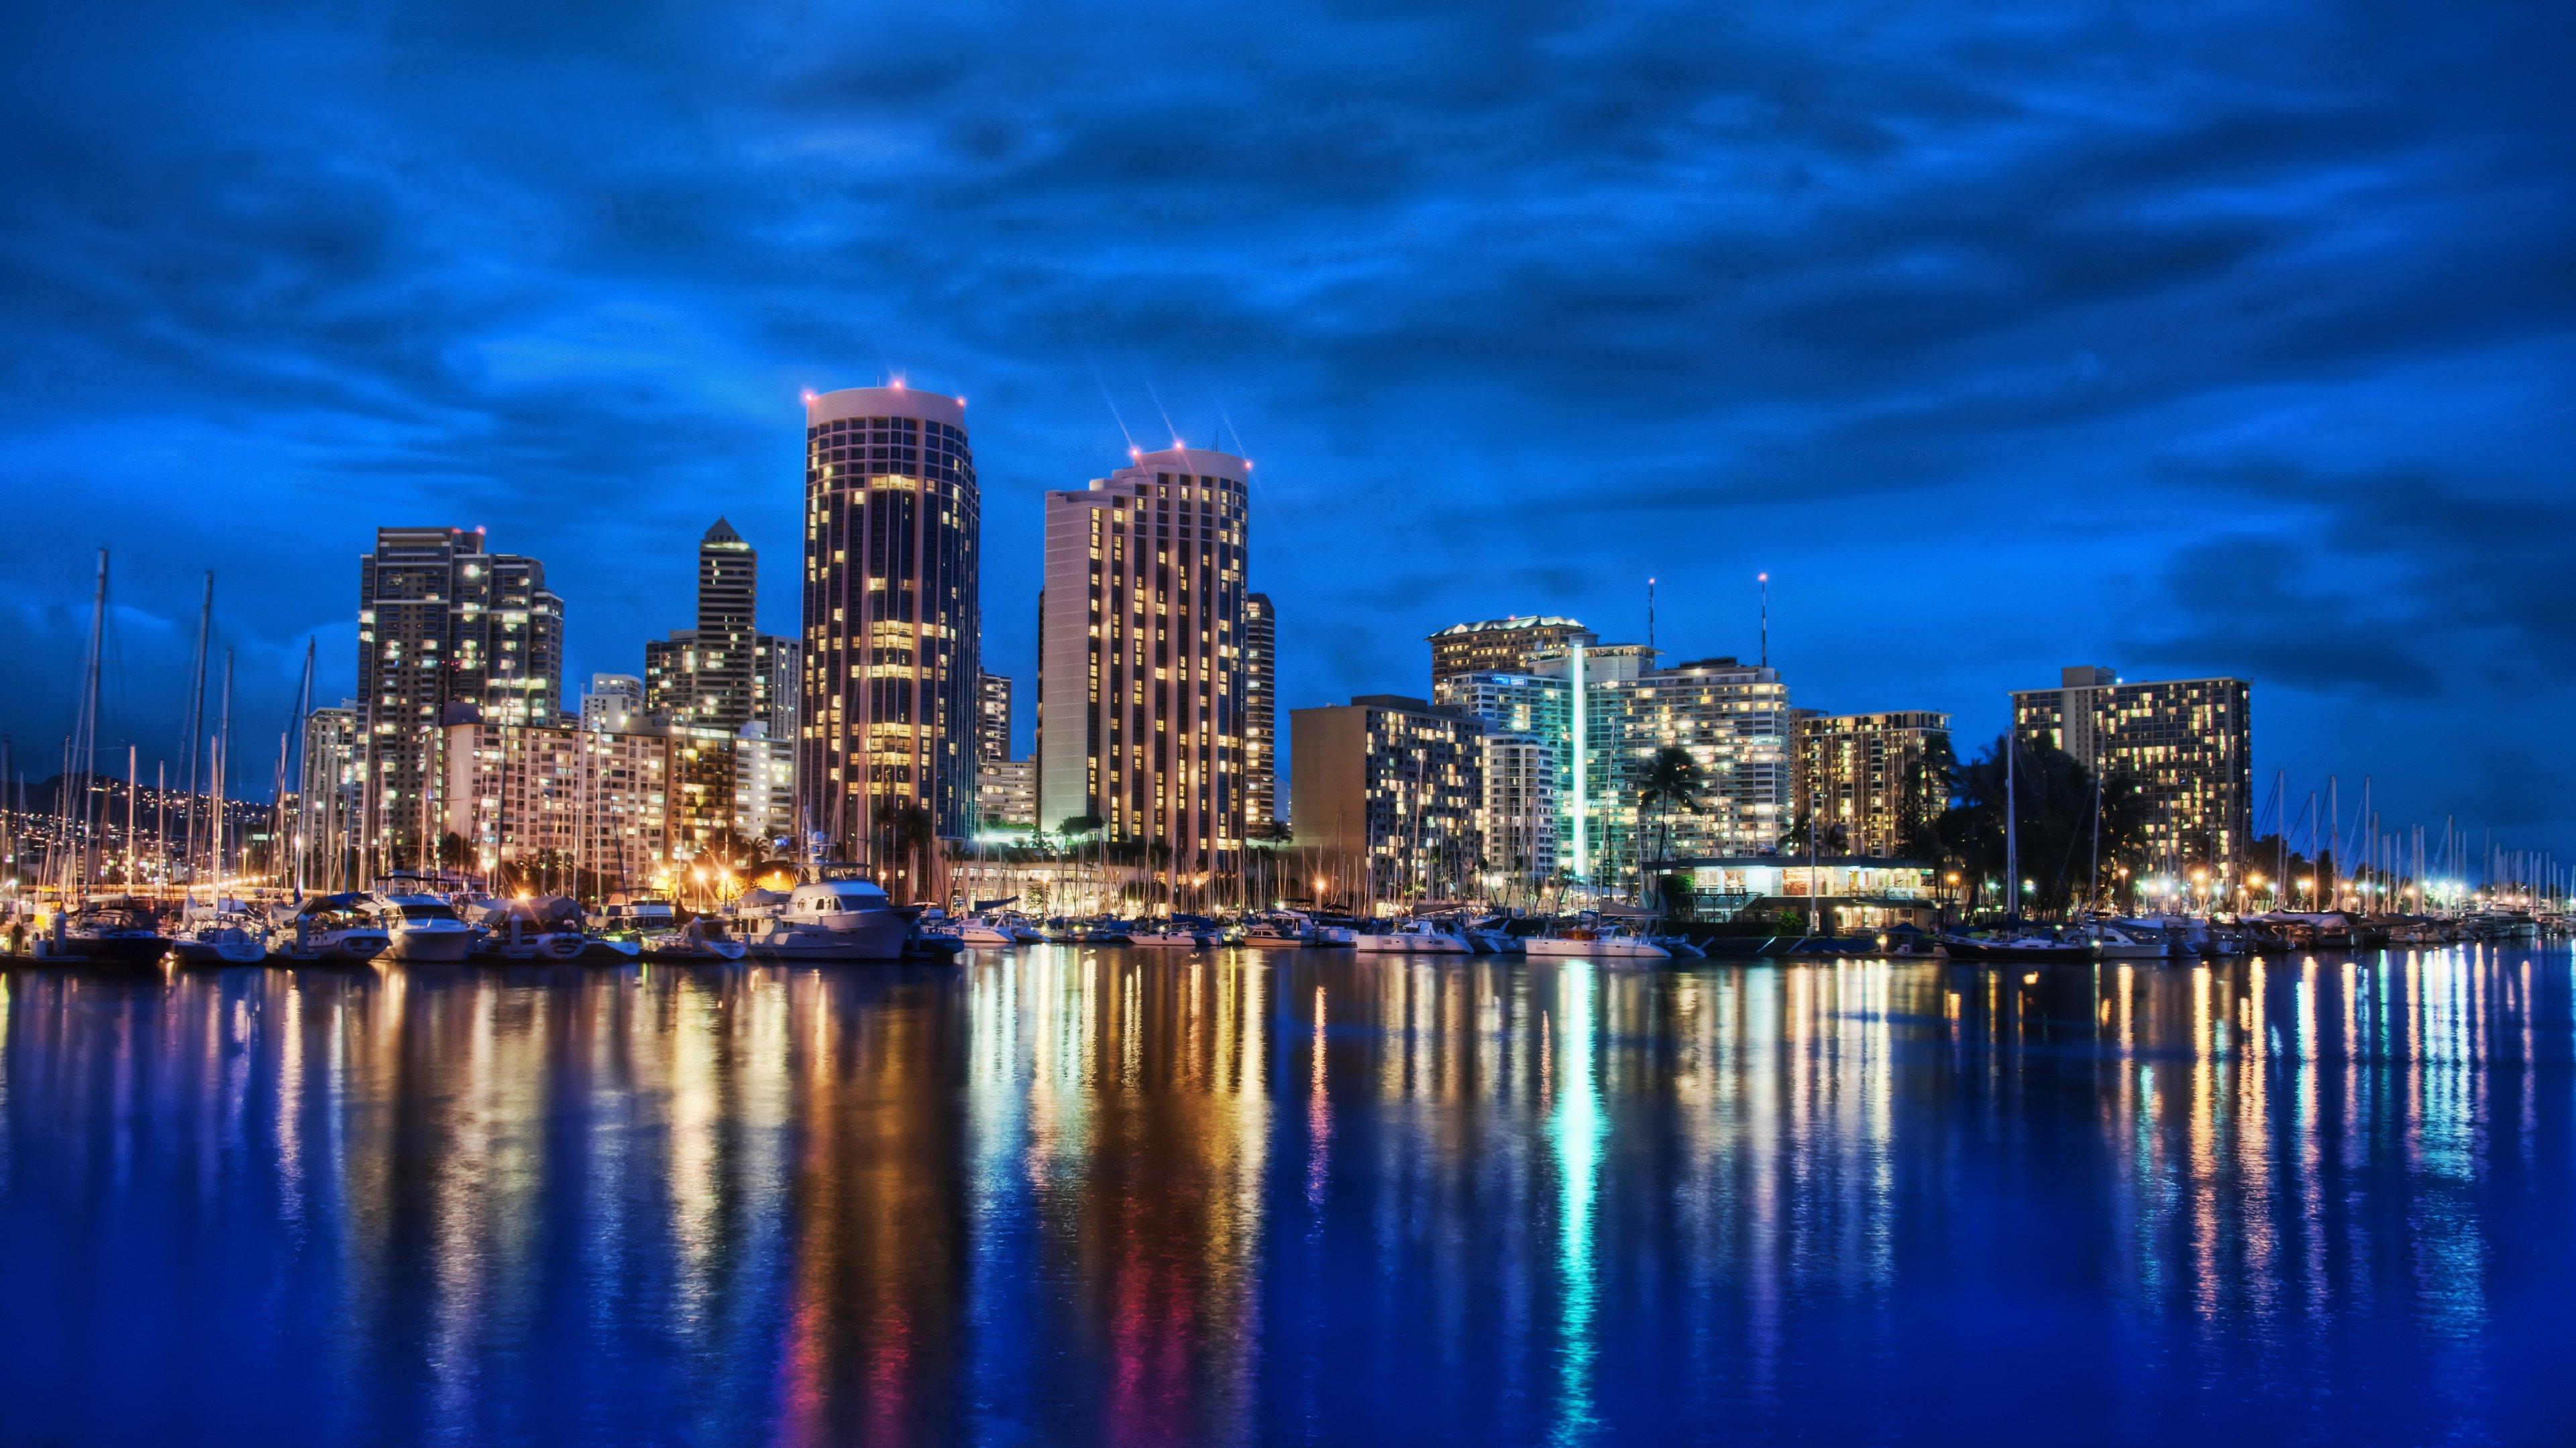 Download Waikiki at Night Download Wallpaper 3840x2160 3840x2159